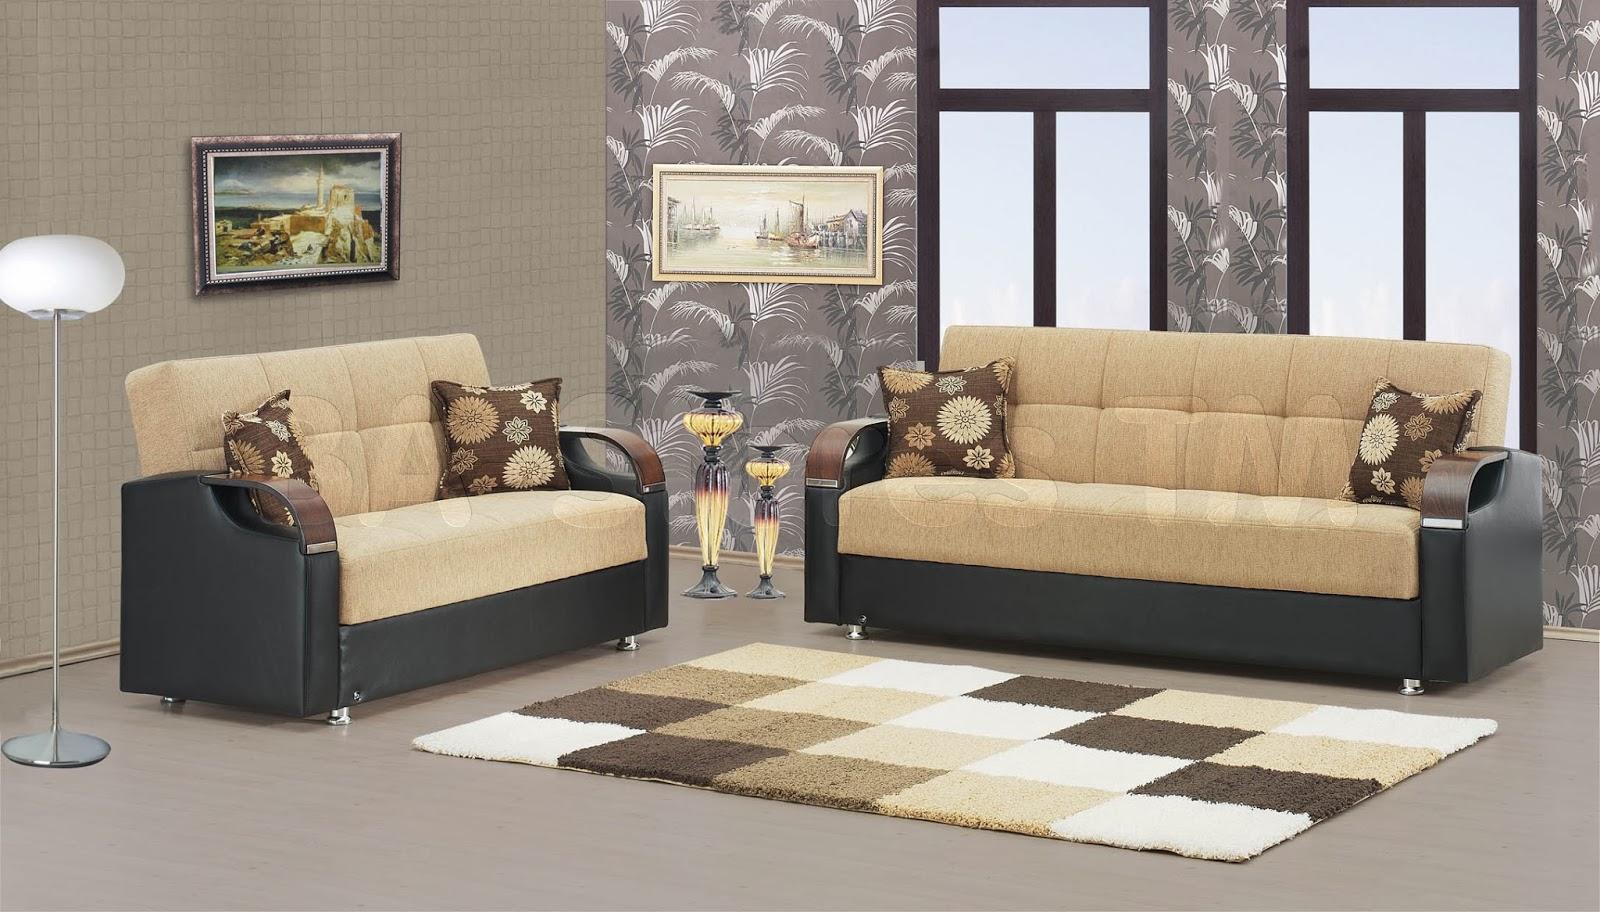 New Fashion In Sofa Set Design 2014